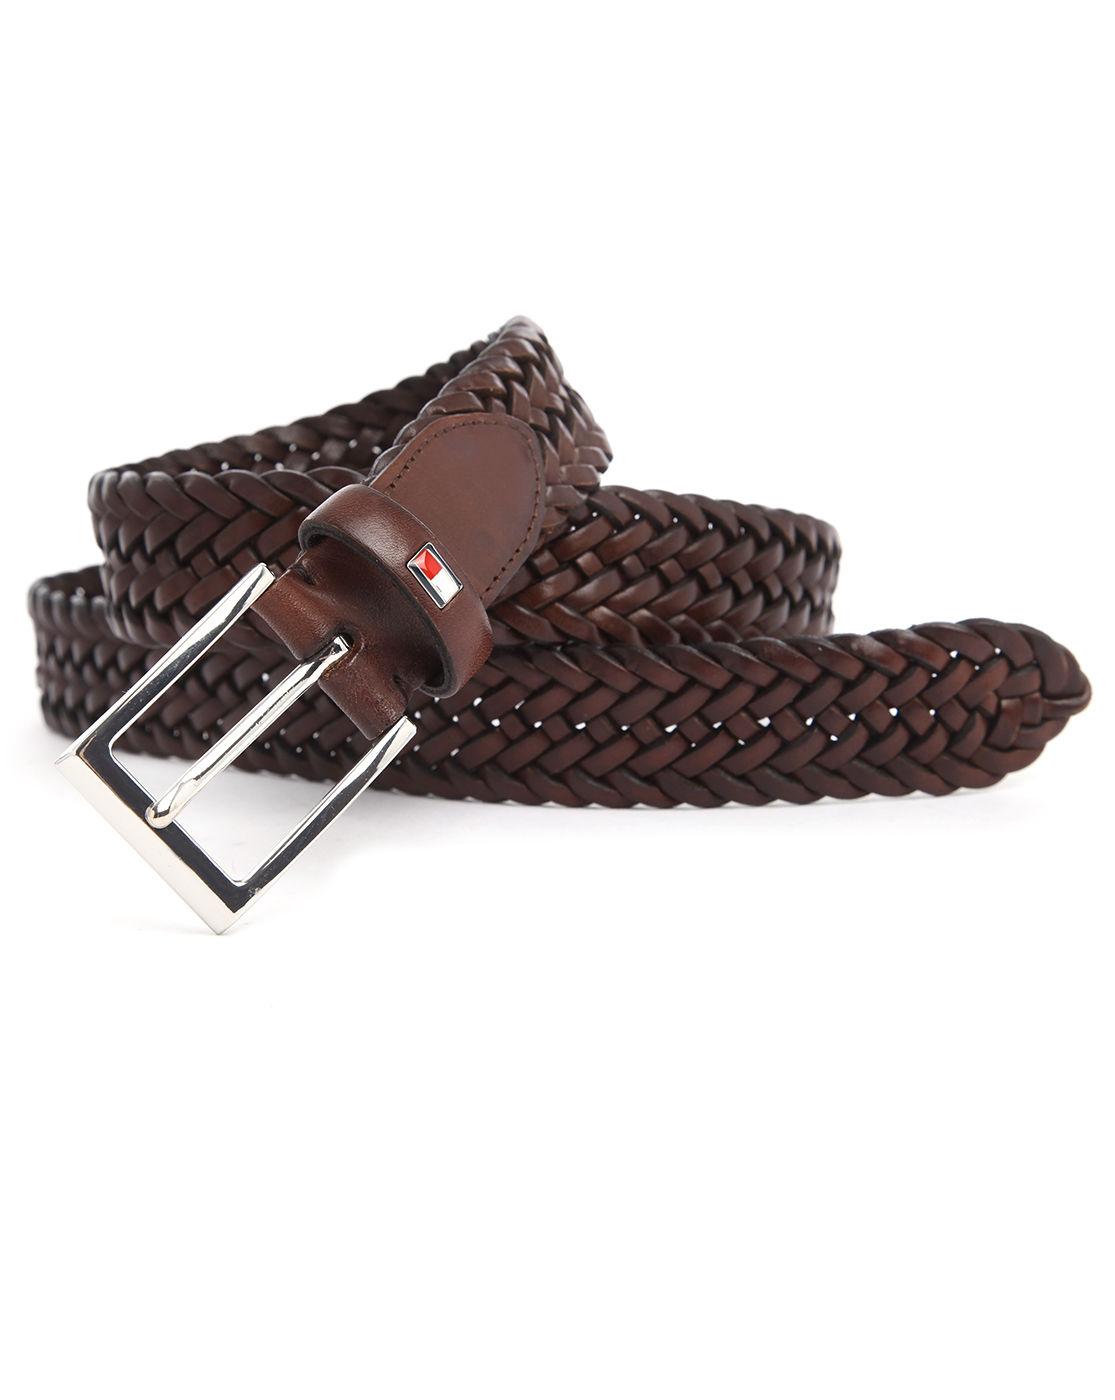 hilfiger almerico brown braided leather belt in